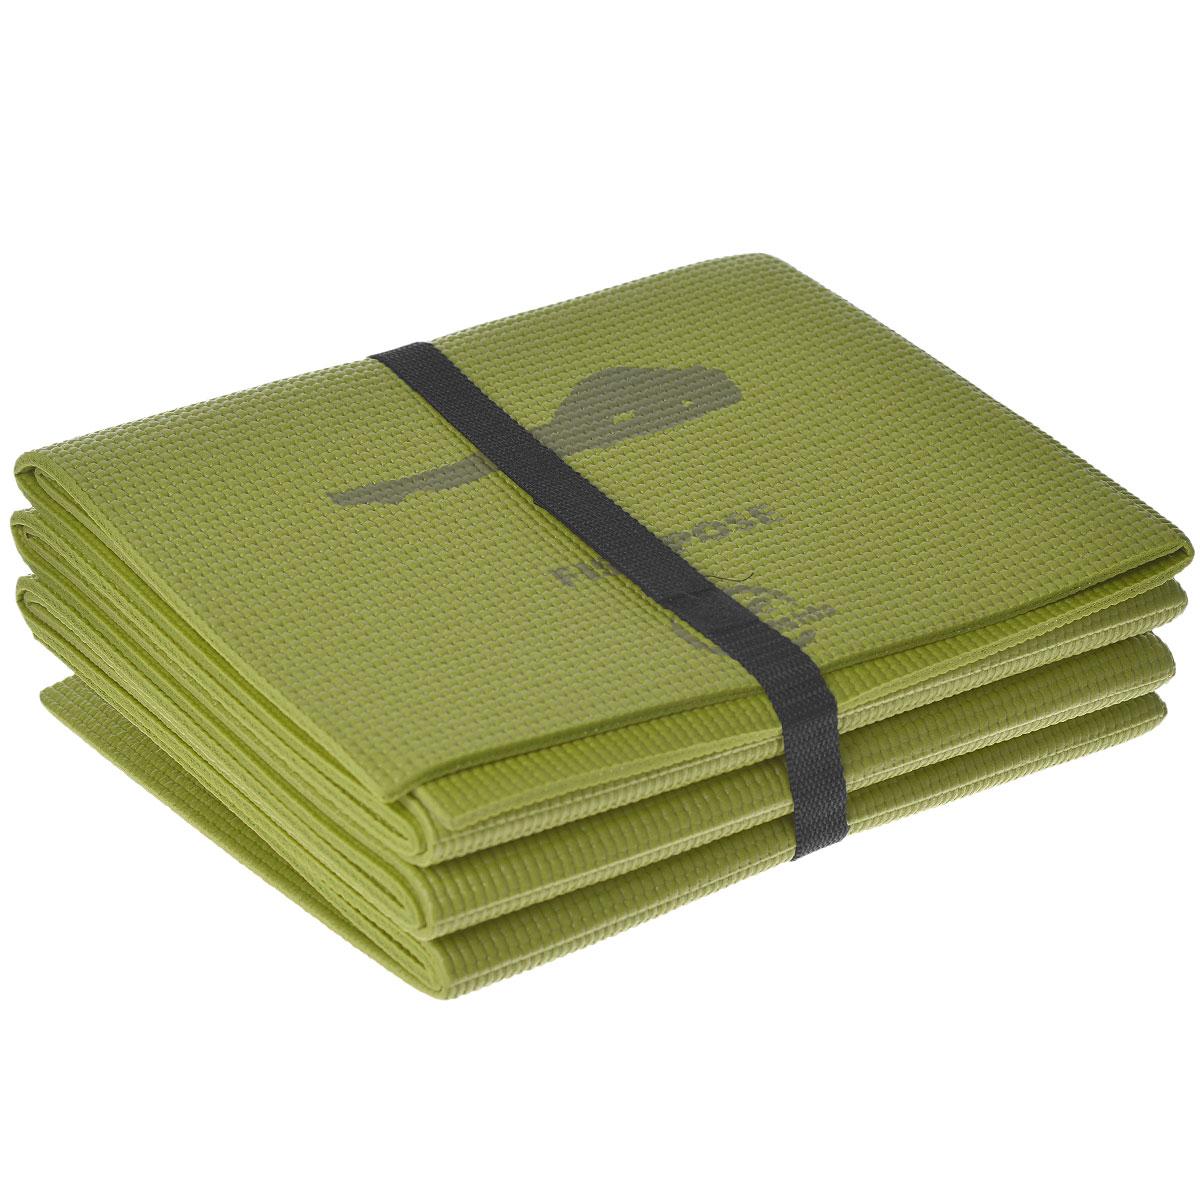 Коврик для йоги Lite Weights, складной, цвет: салатовый, 173 см х 61 см х 0,5 см5455LWКоврик Lite Weights применяется для занятий йогой, фитнесом и аэробикой как в домашних условиях, так и в спортзалах. На поверхность с обеих сторон нанесено изображение различных упражнений, возможных при использовании коврика. Благодаря противоскользящей поверхности коврик остается неподвижным при выполнении на нем спортивных упражнений. Коврик складывается в несколько раз, тем самым упрощается его хранение и переноска.